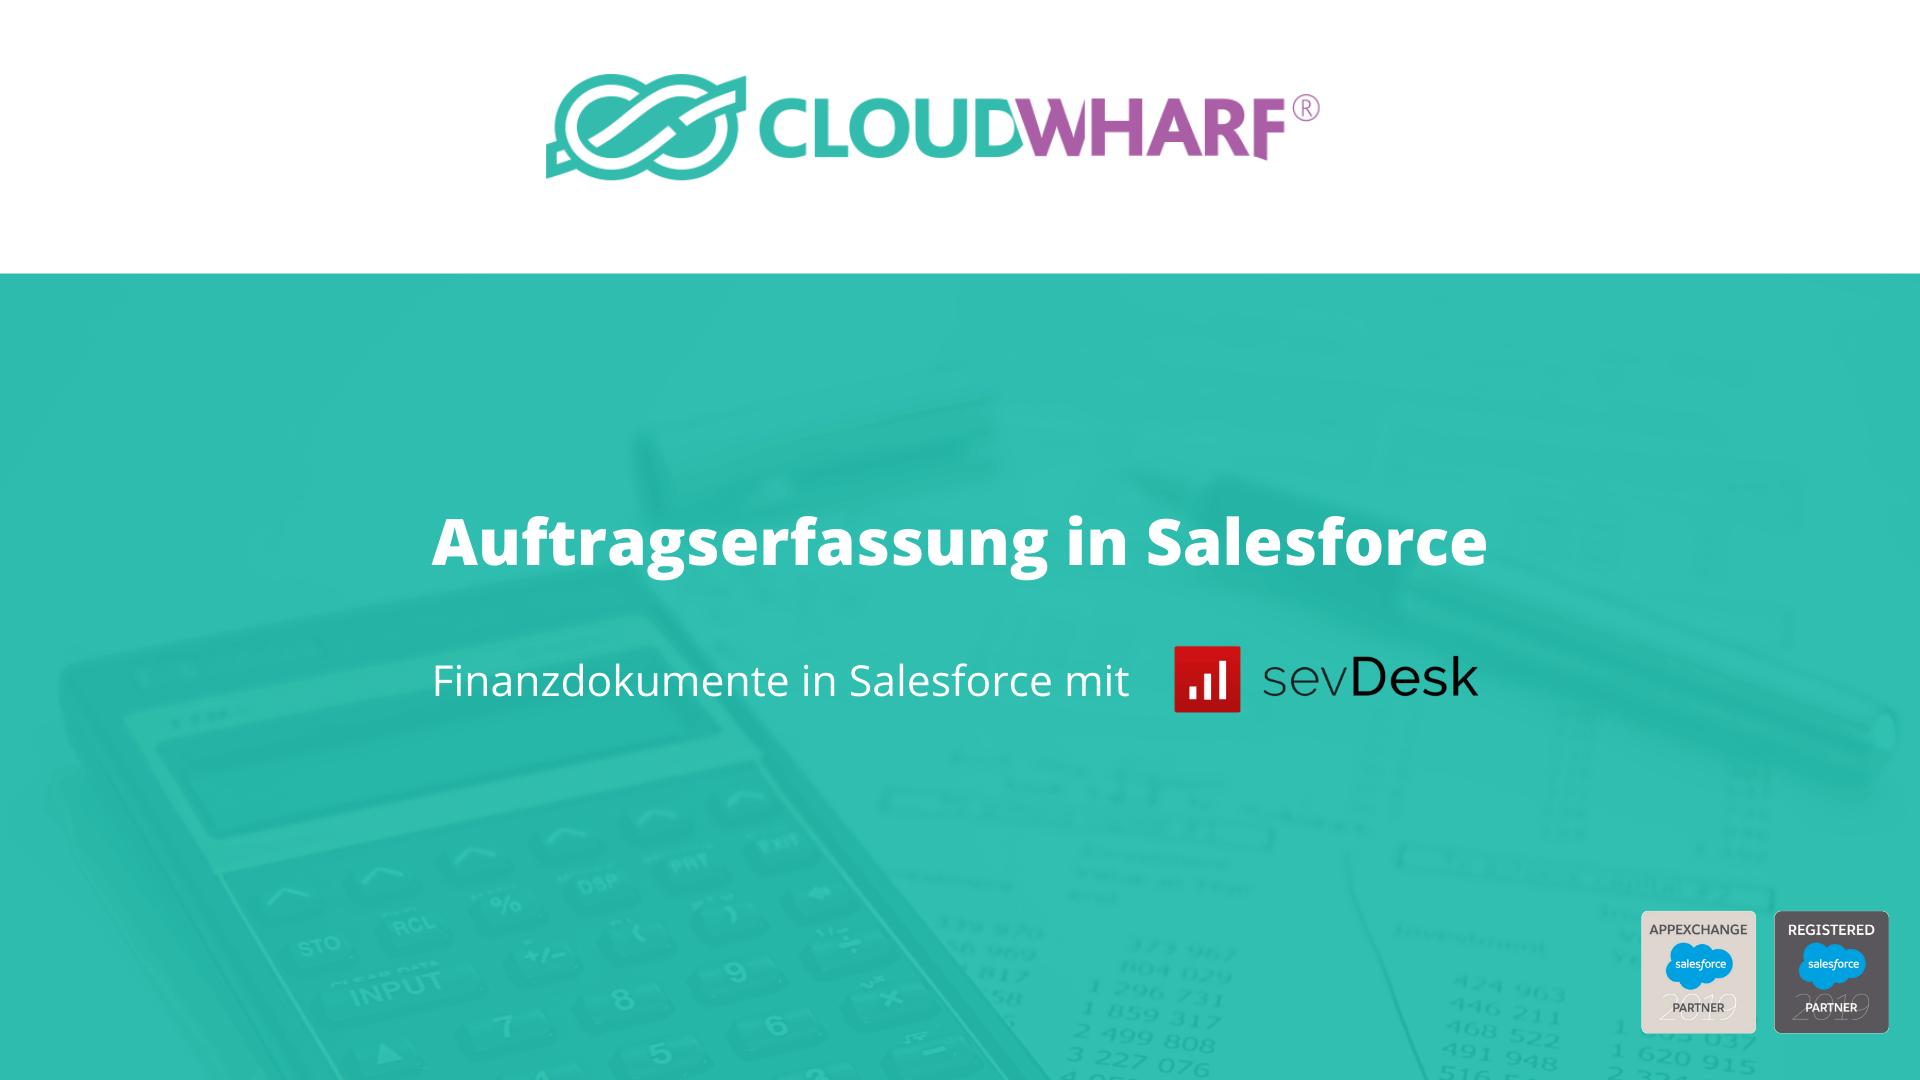 Auftragserfassung in Salesforce - Finanzdokumente in Salesforce mit sevDesk